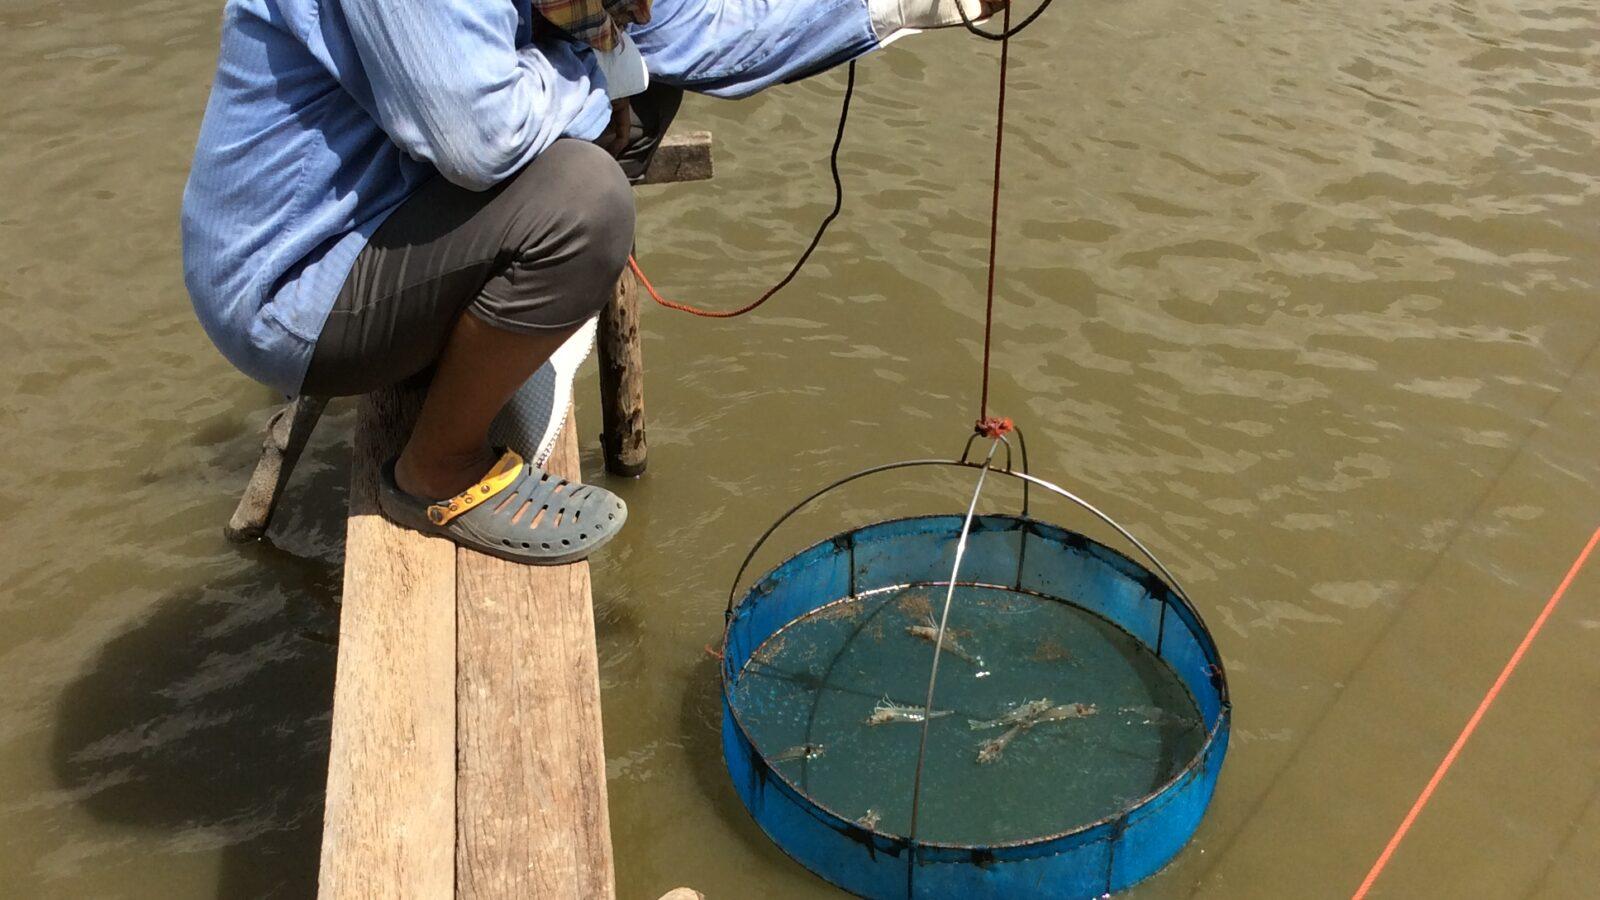 Thai shrimp farmer